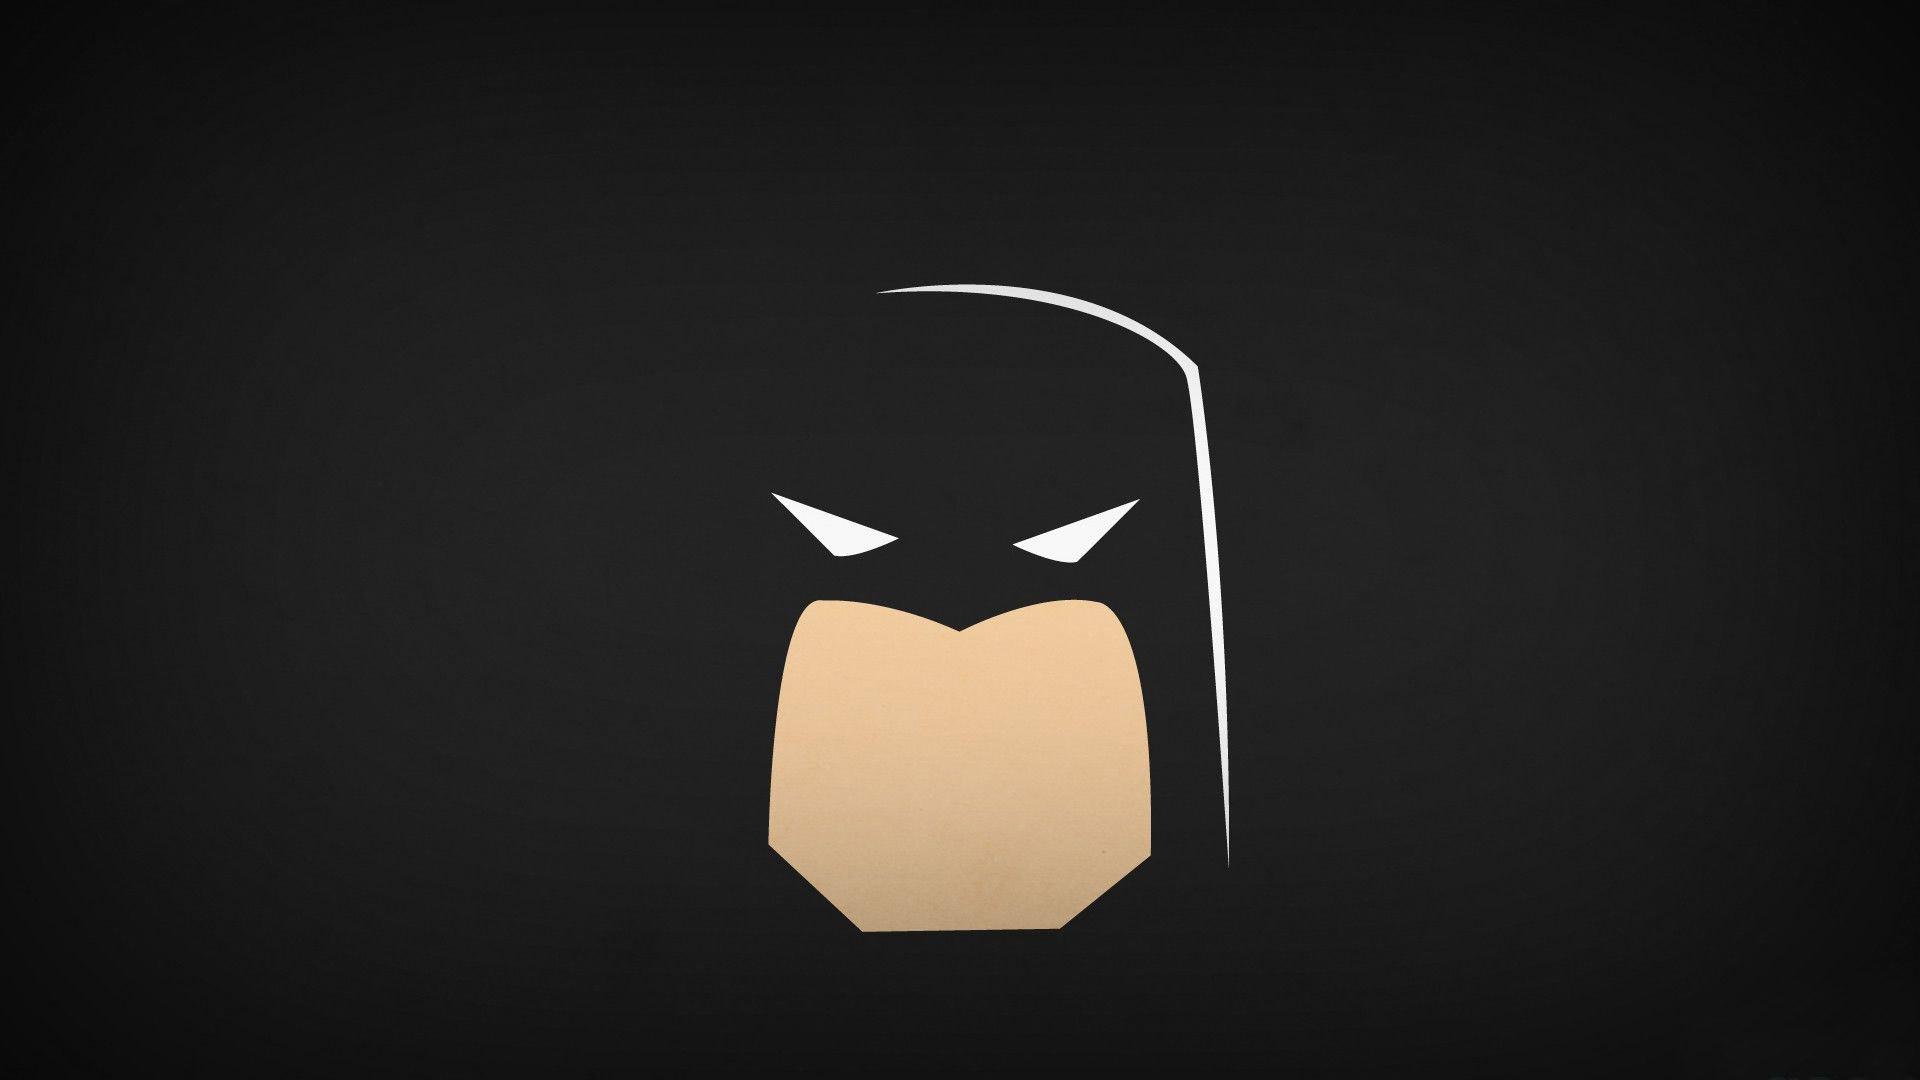 Batman Minimalist Wallpaper